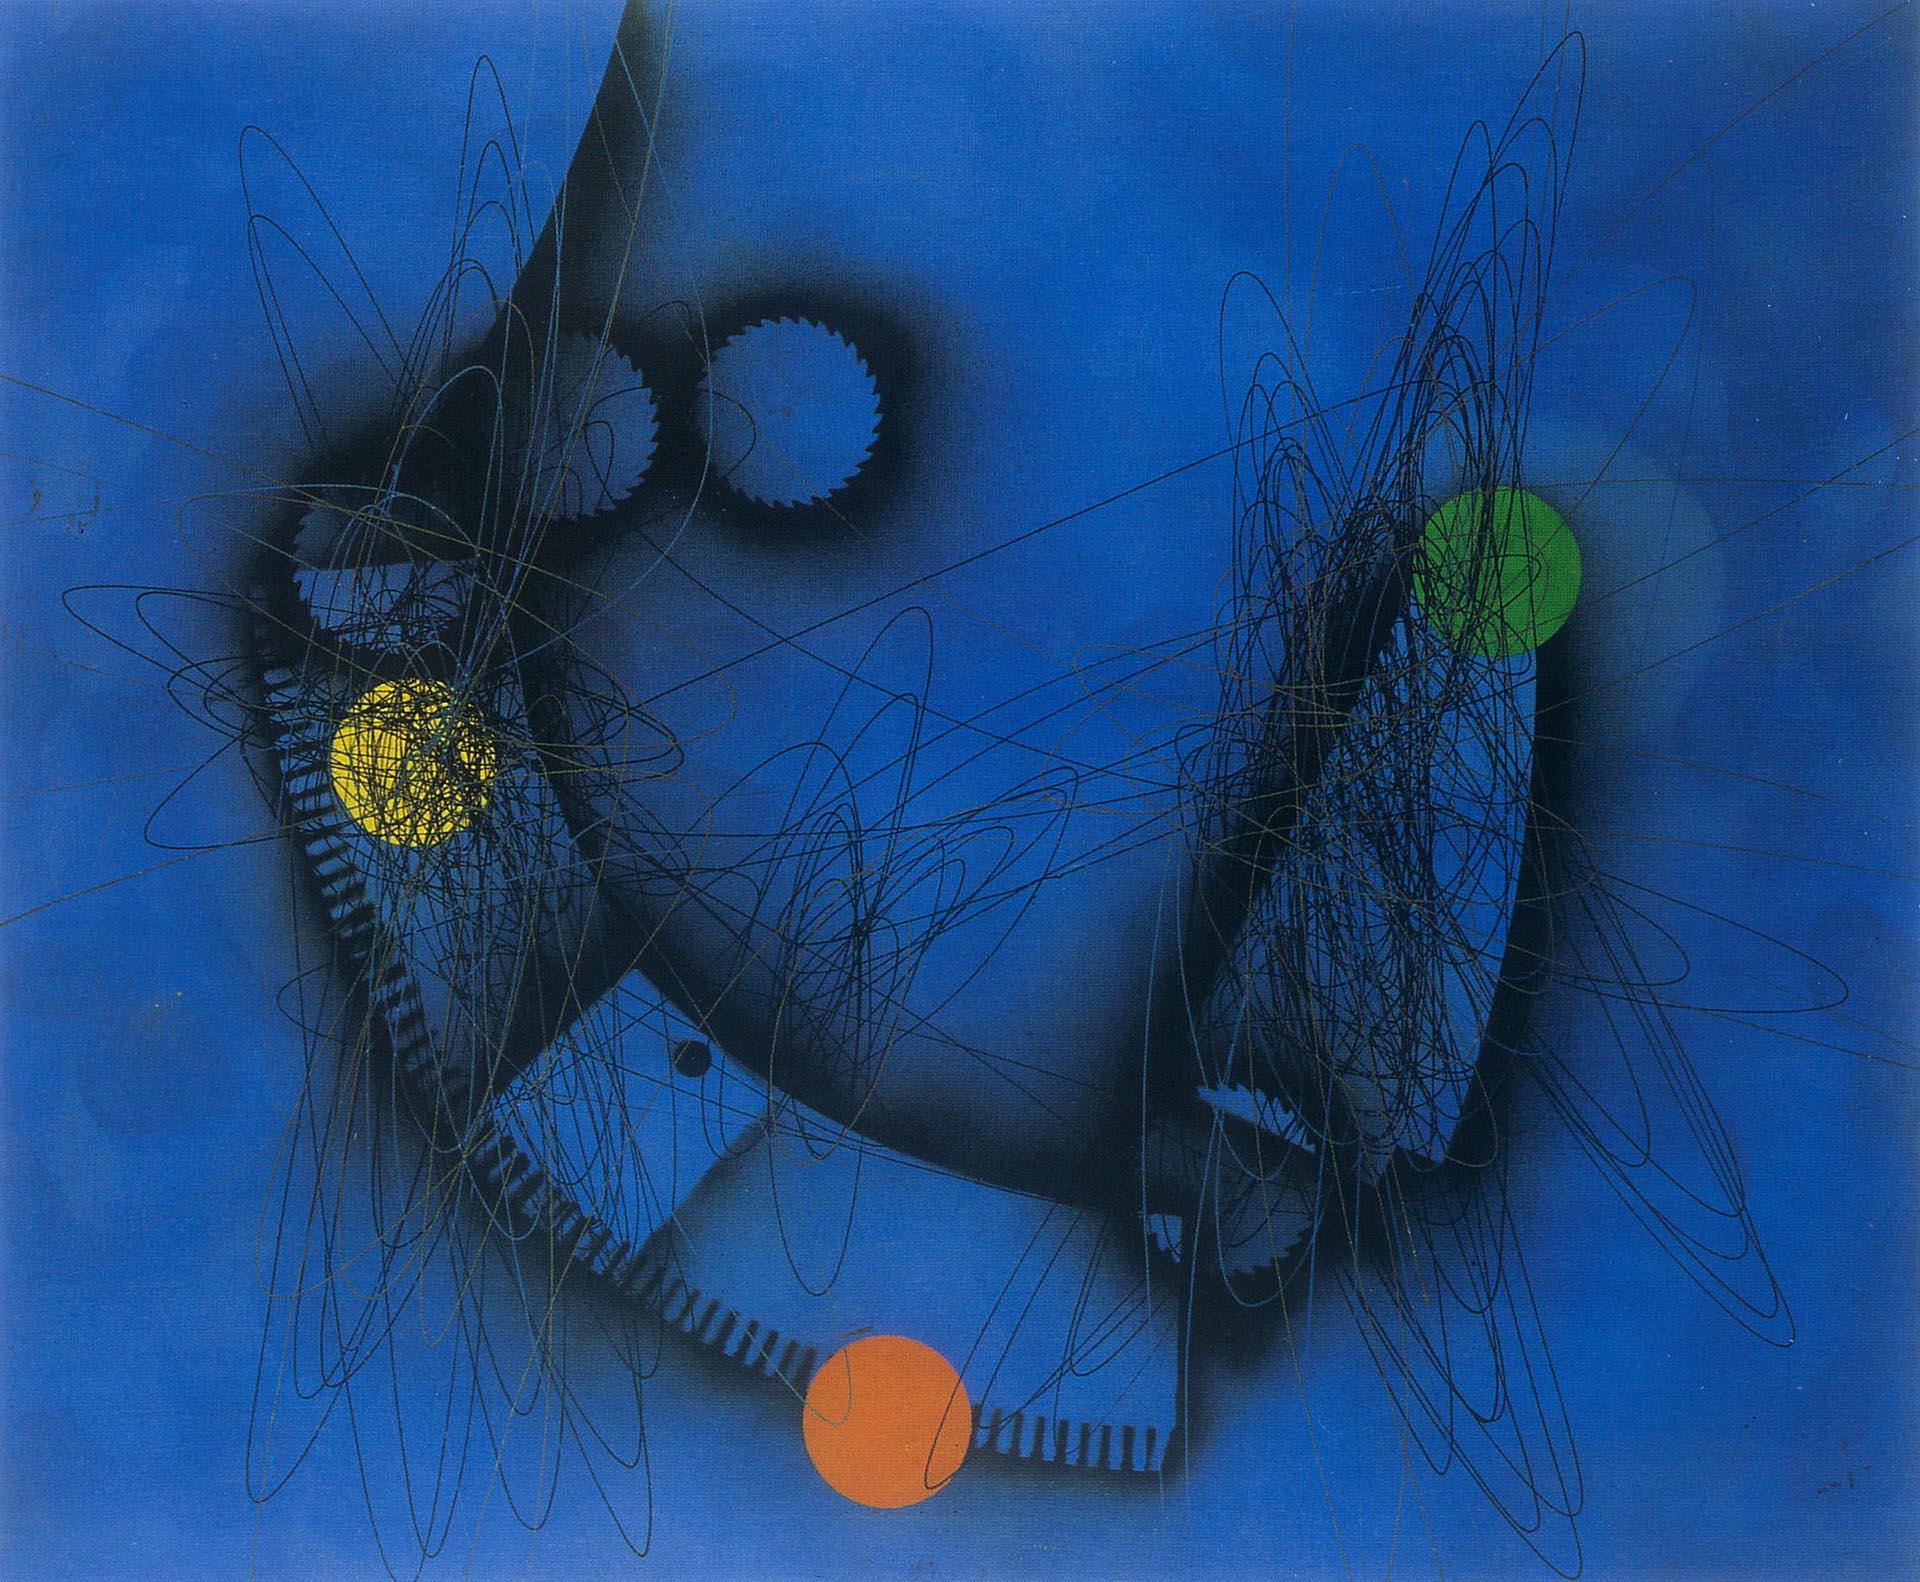 Crippa, Concetto spaziale, 1950, 130x162 cm